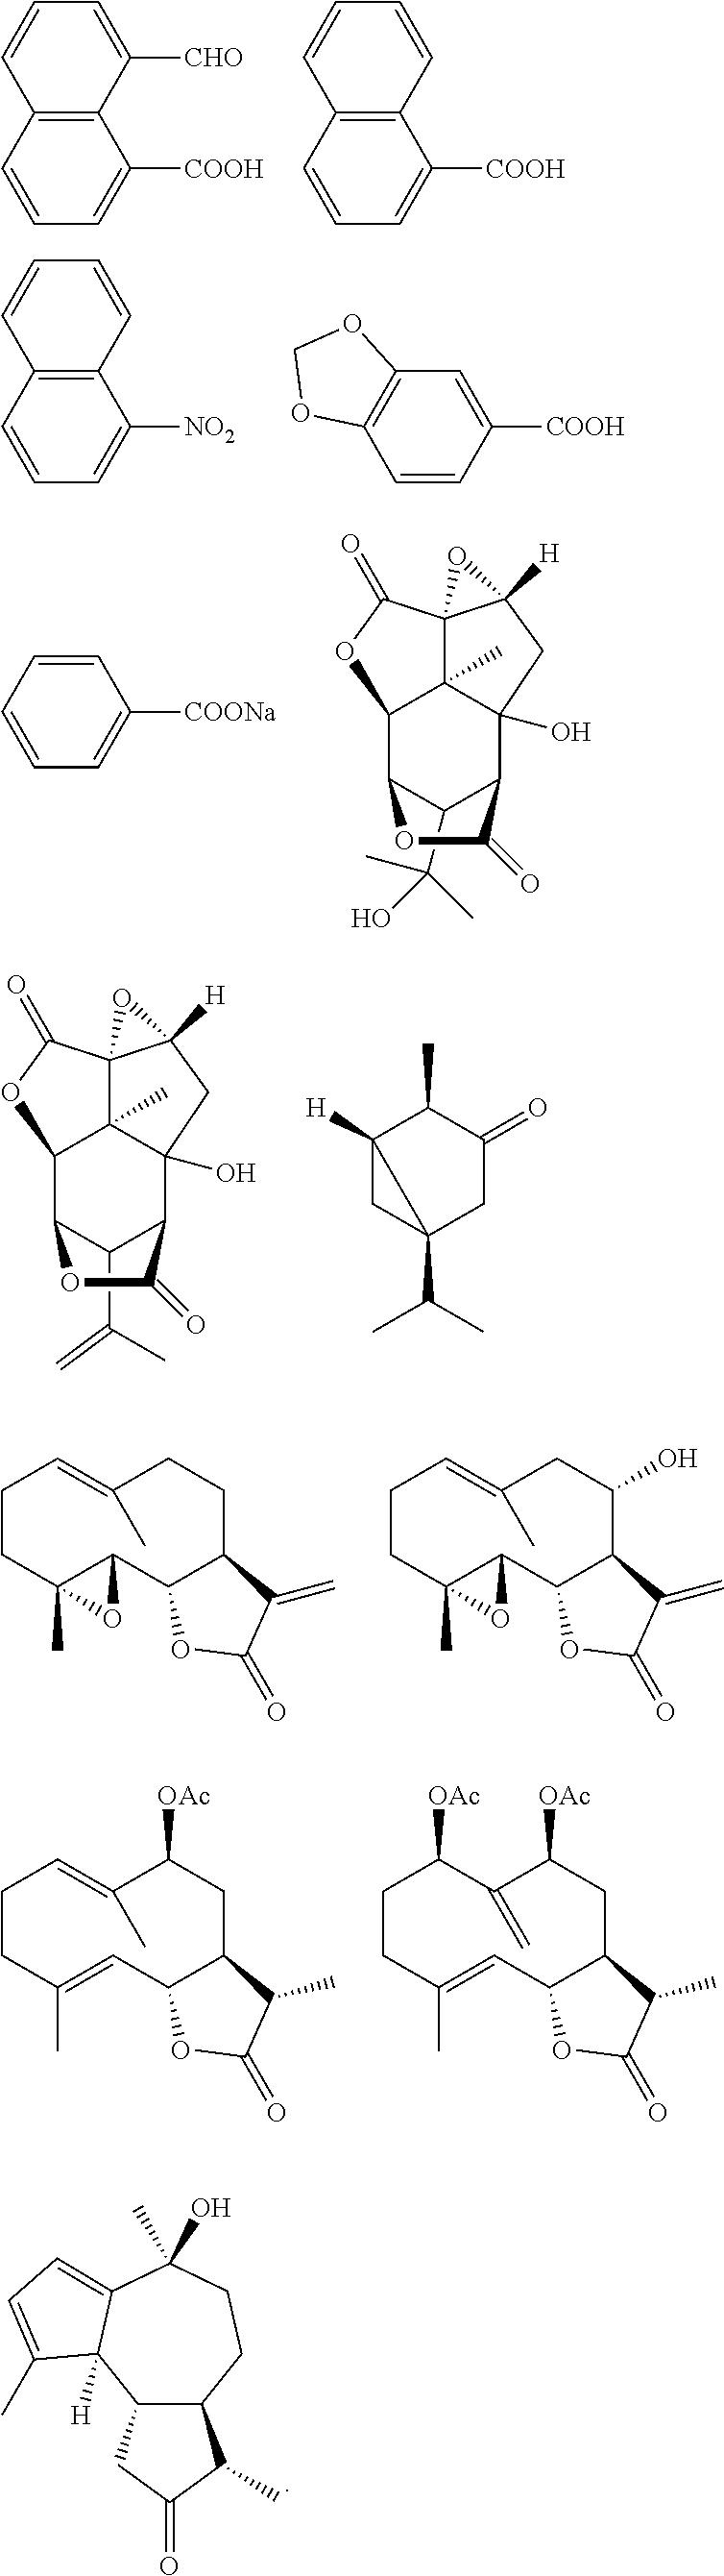 Figure US09962344-20180508-C00009